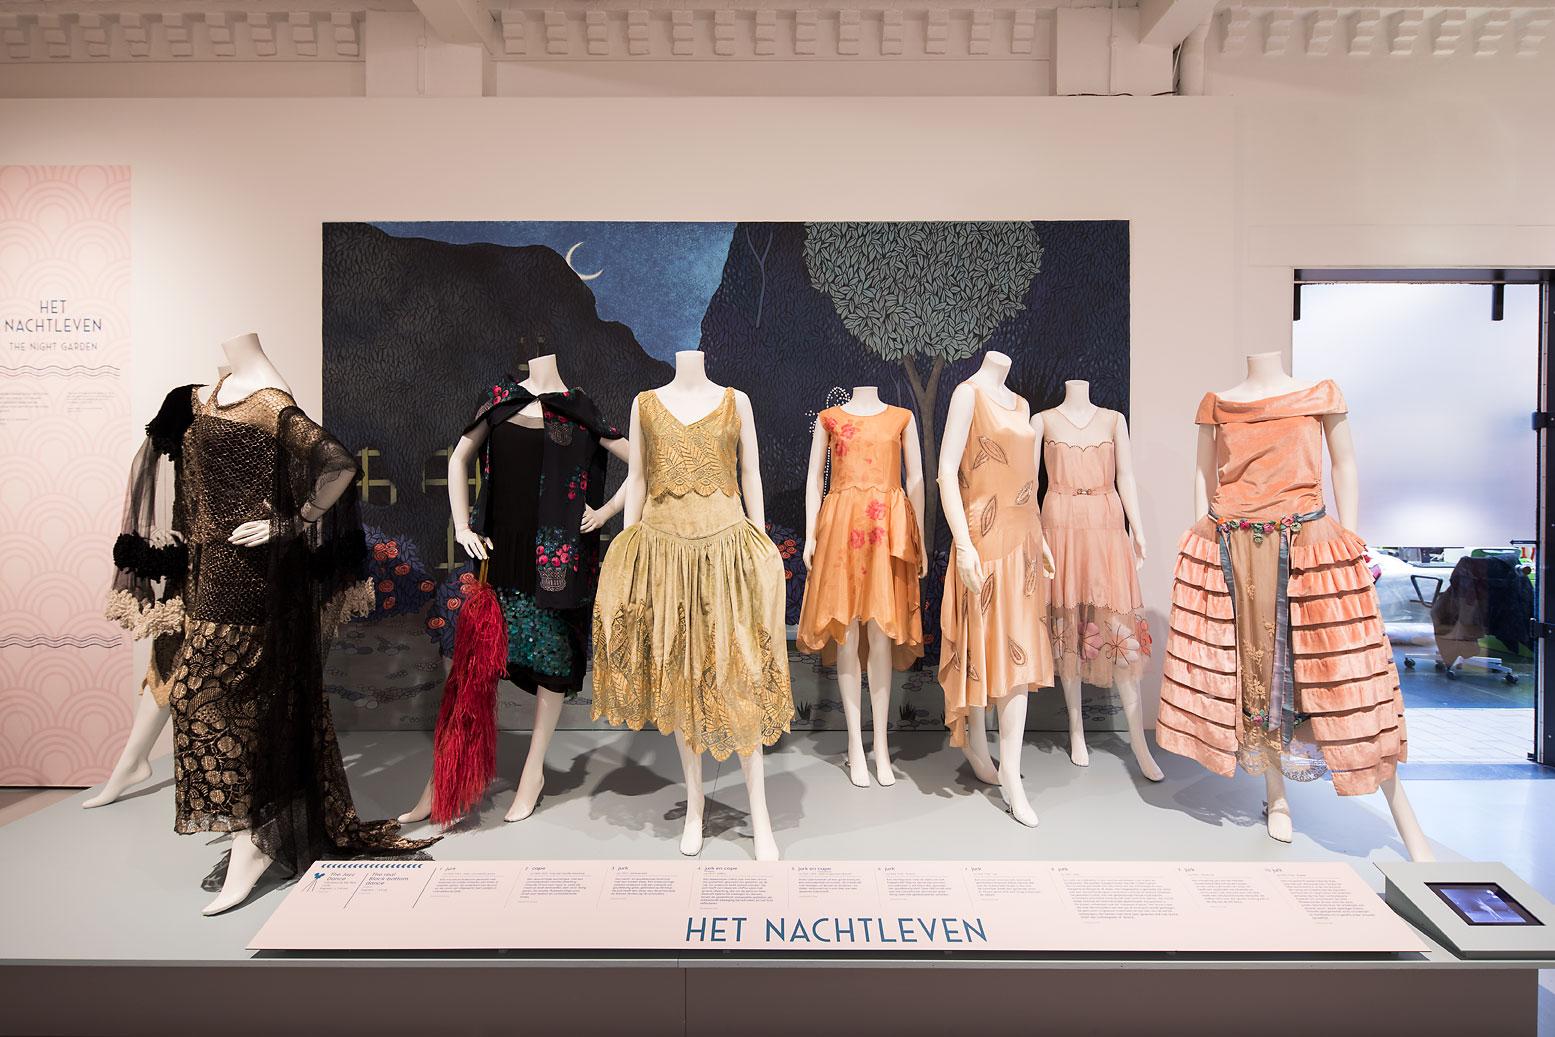 168d59bb 5943 4313 98c0 404a7ffa83b9 - Nationale museumweek Textielmuseum Tilburg ook deelnemer